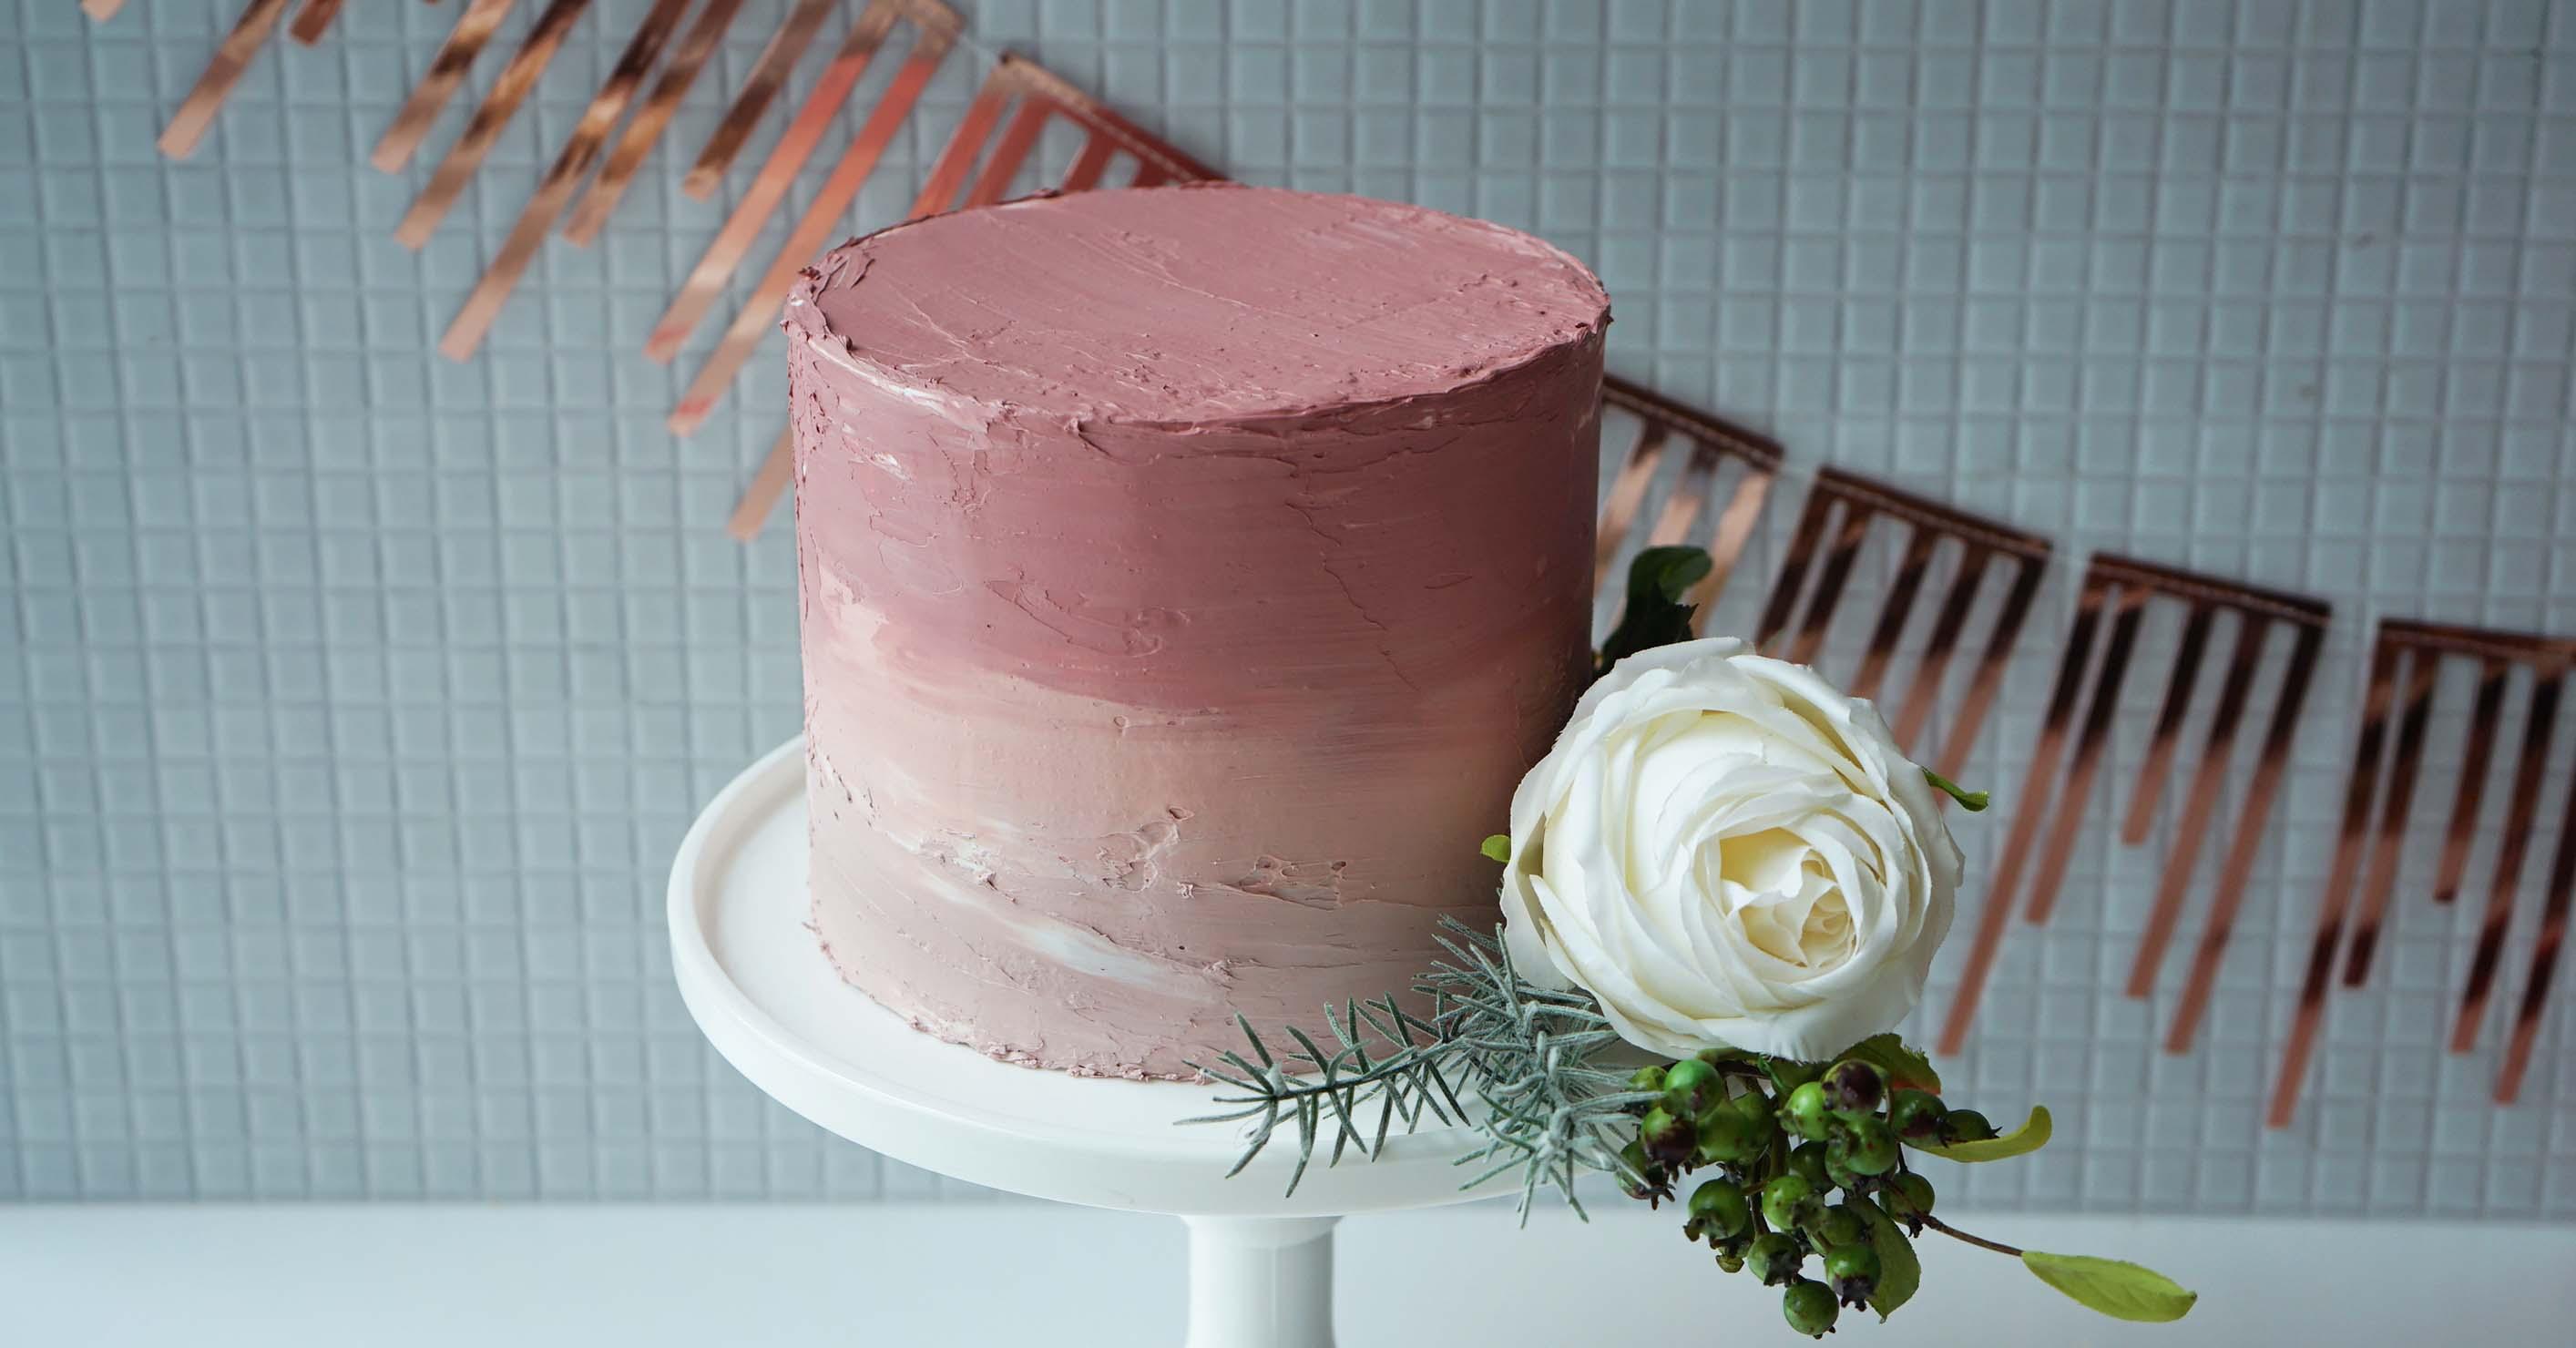 クレイケーキ作り方